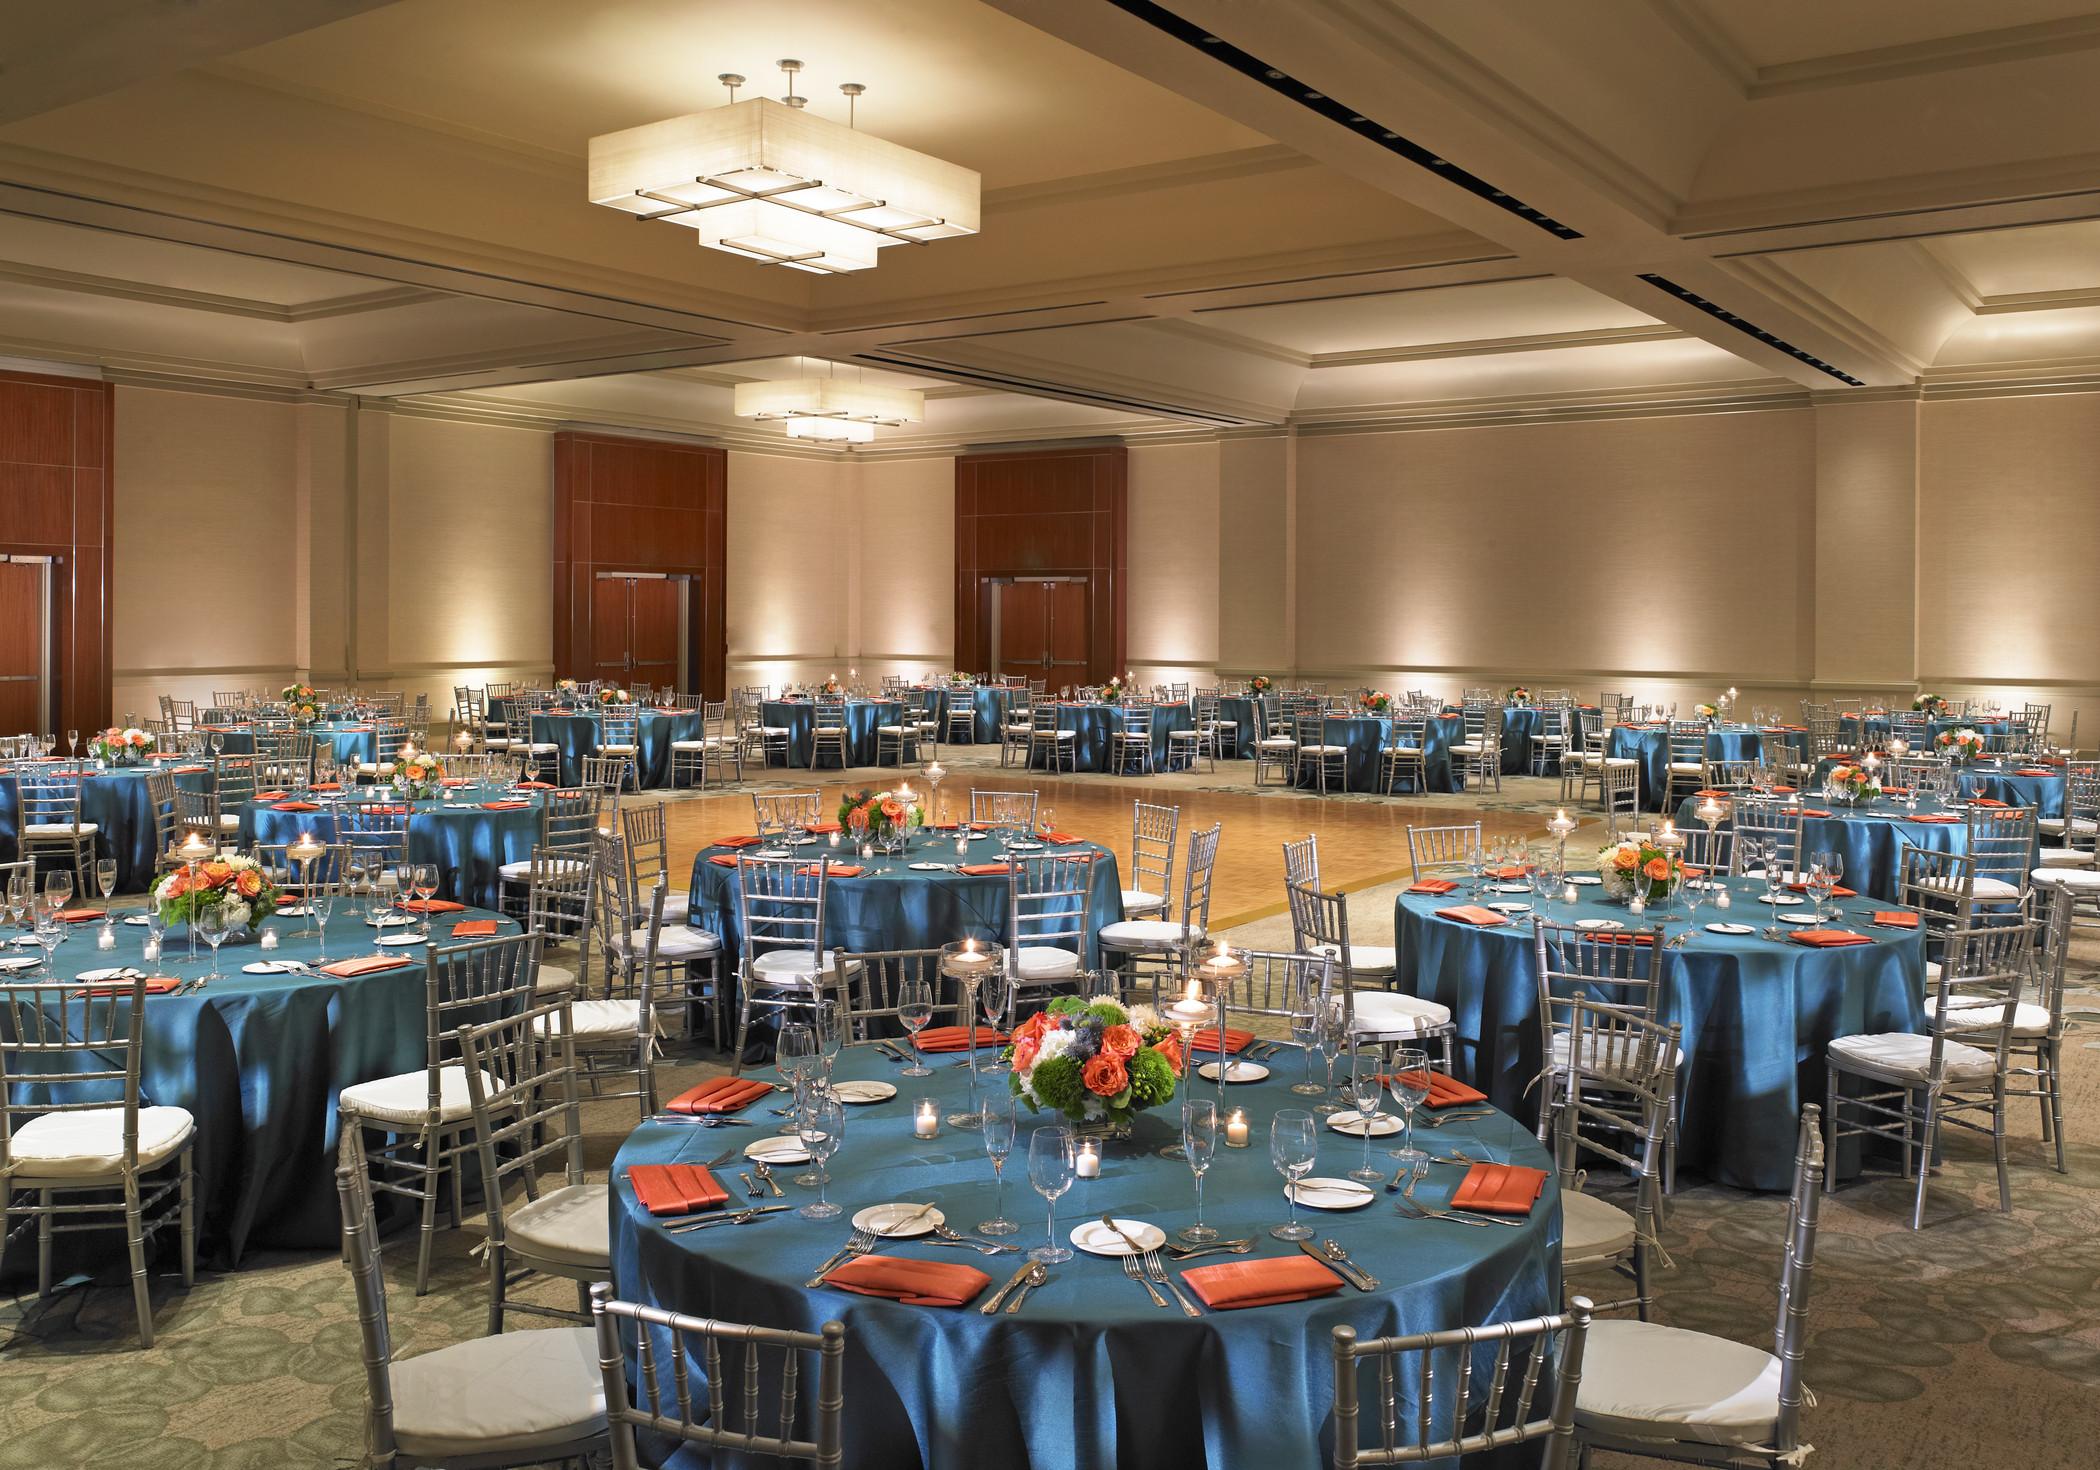 California Ballroom - Banquet